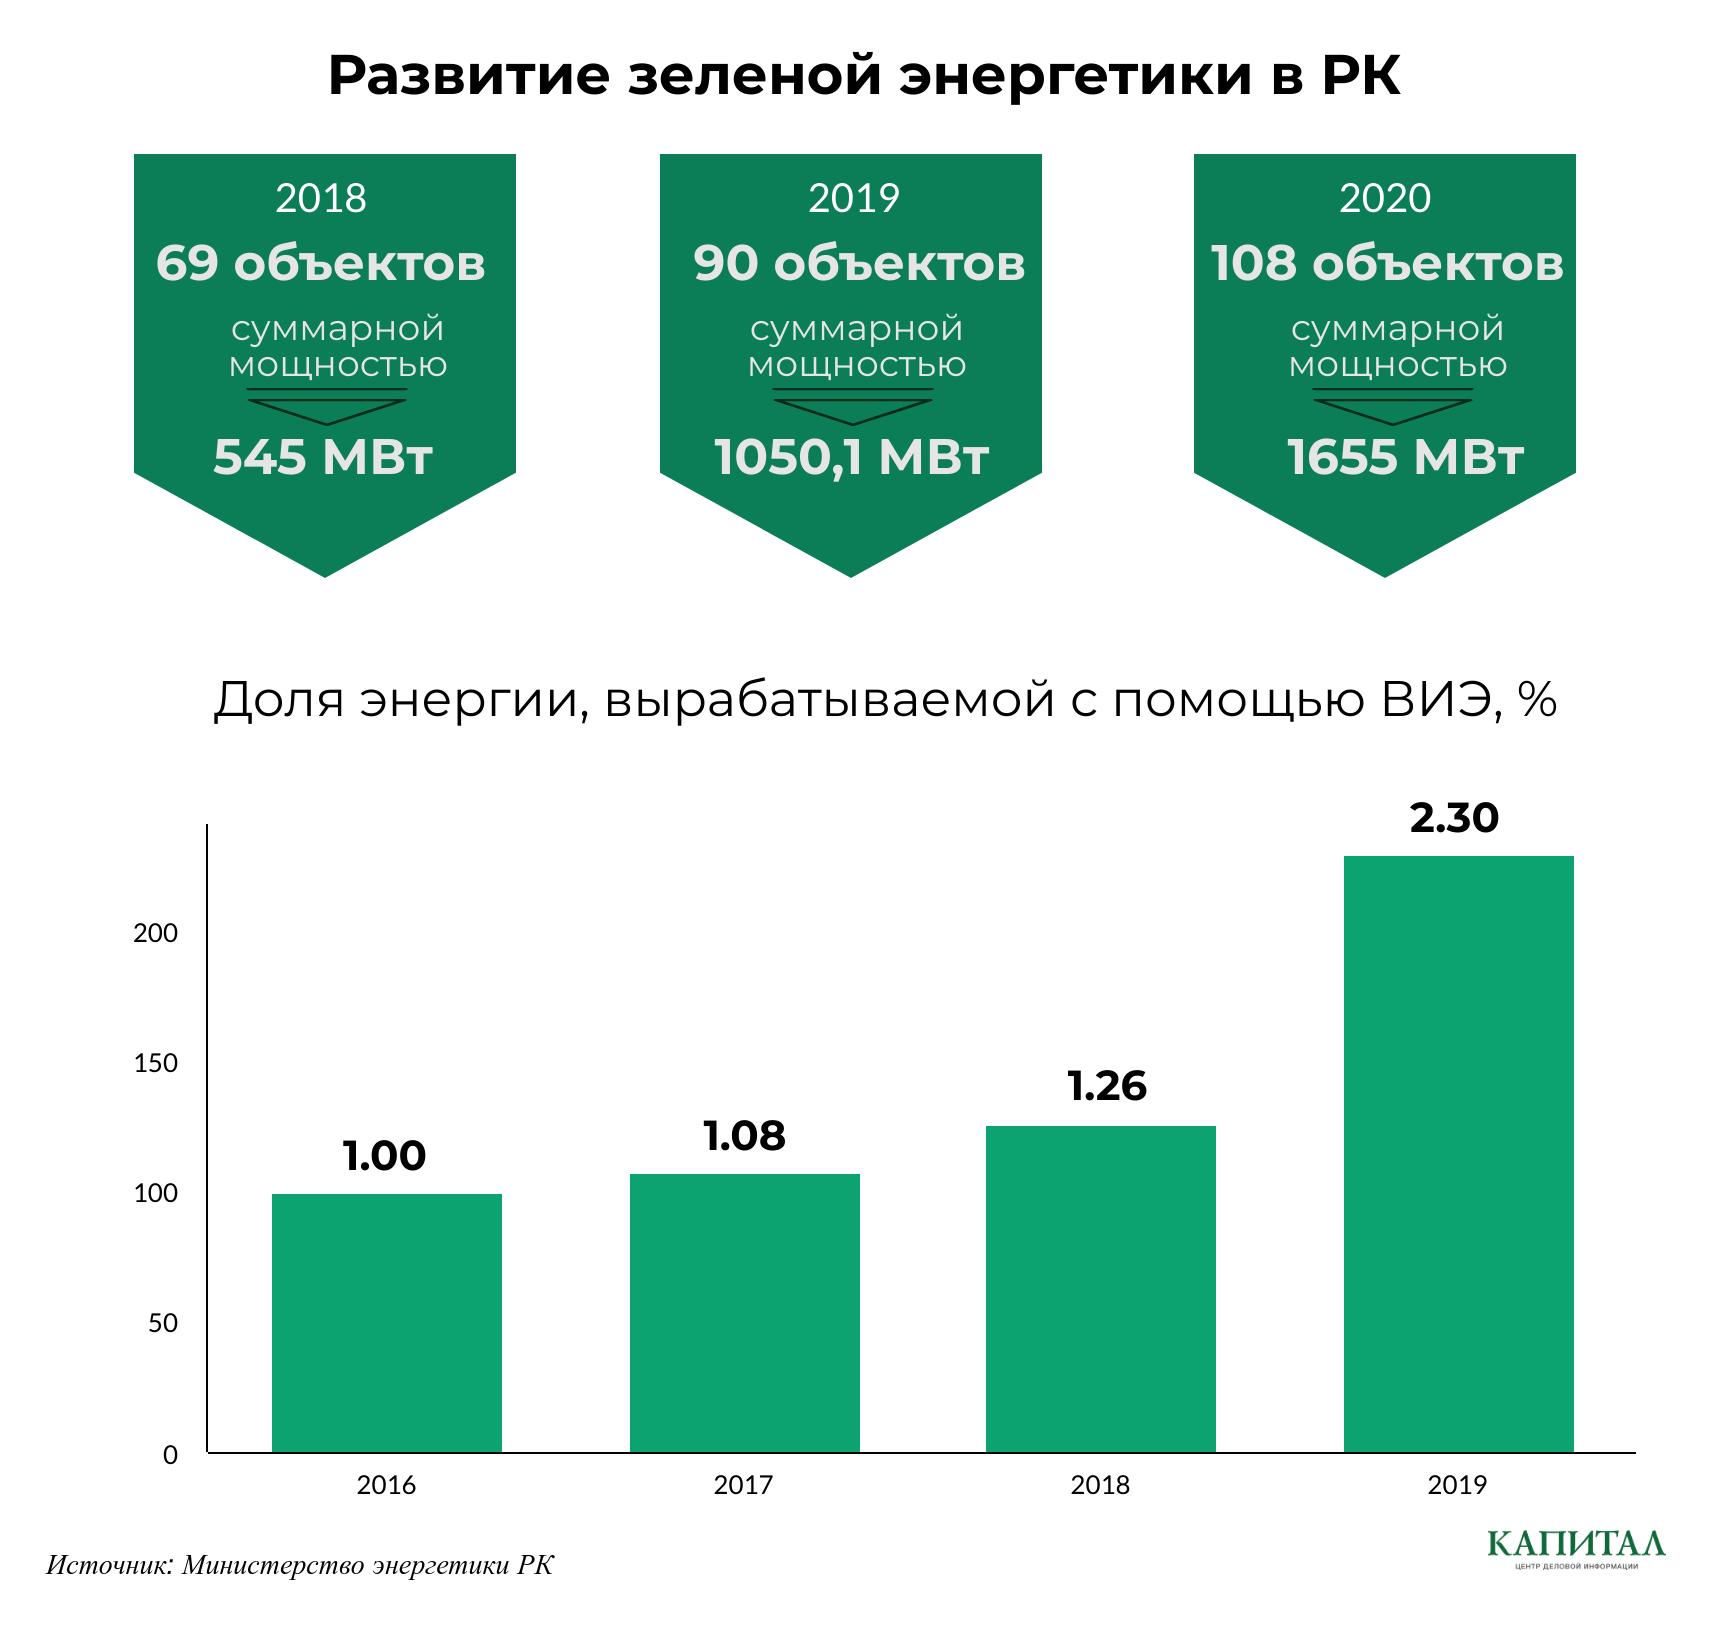 Ветряные станции генерируют 45% электроэнергии ВИЭ 330480 - Kapital.kz